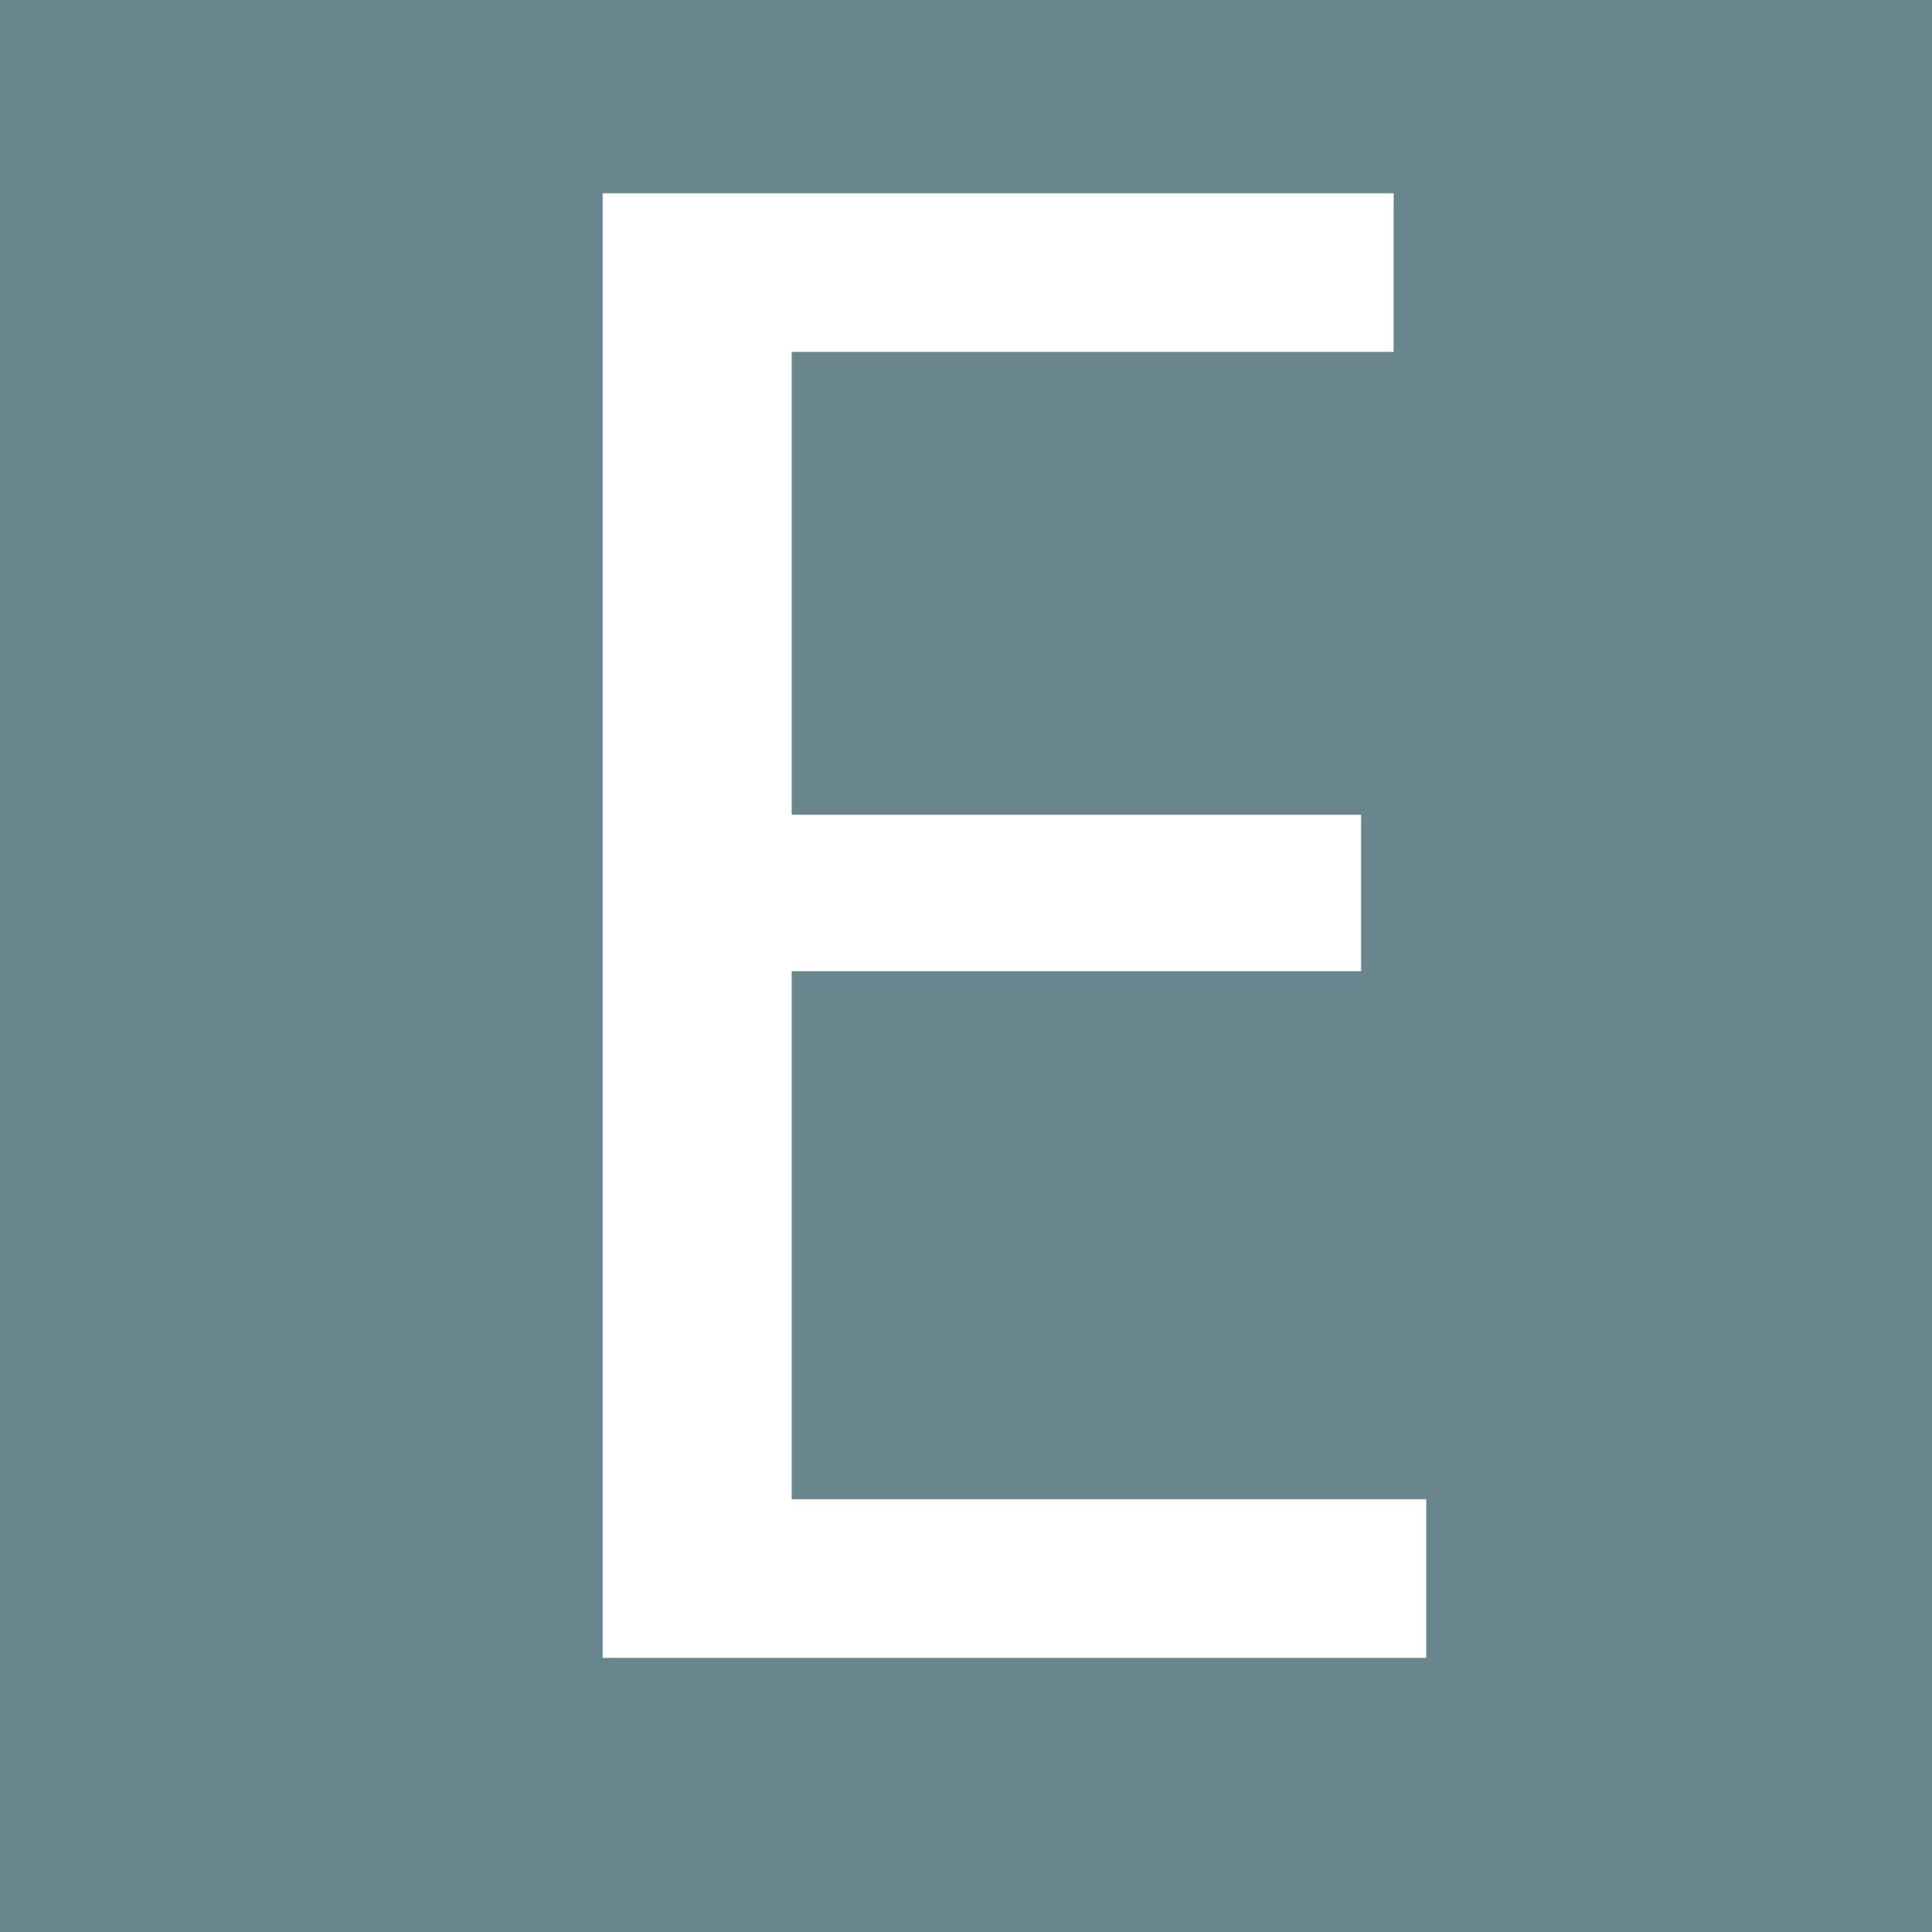 E-01.png